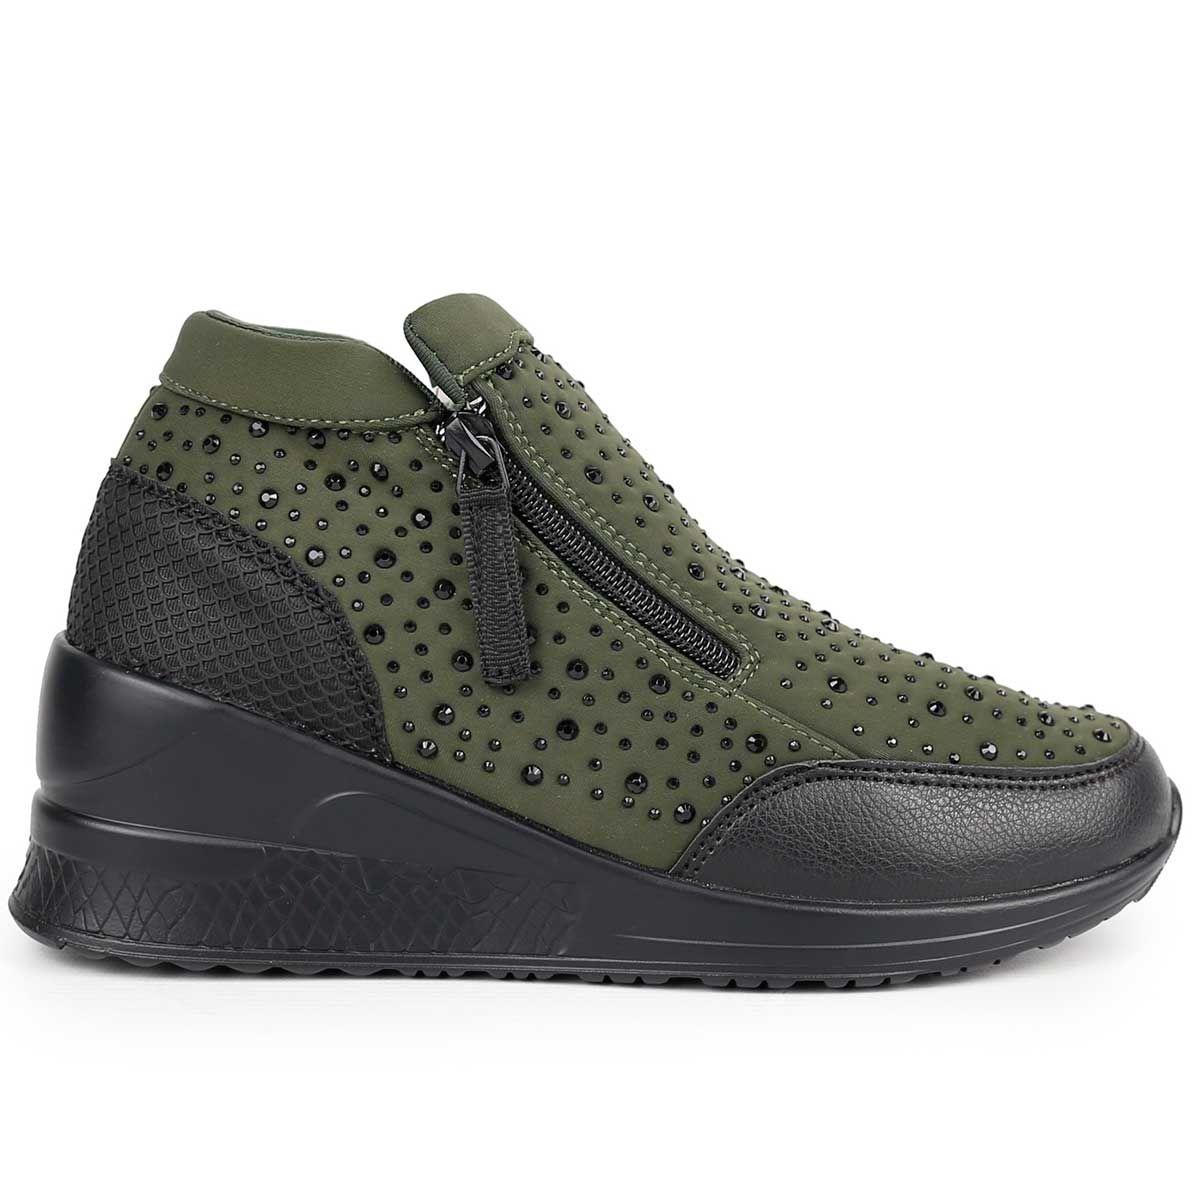 Montevita Sporty Wedge Sneaker in Green